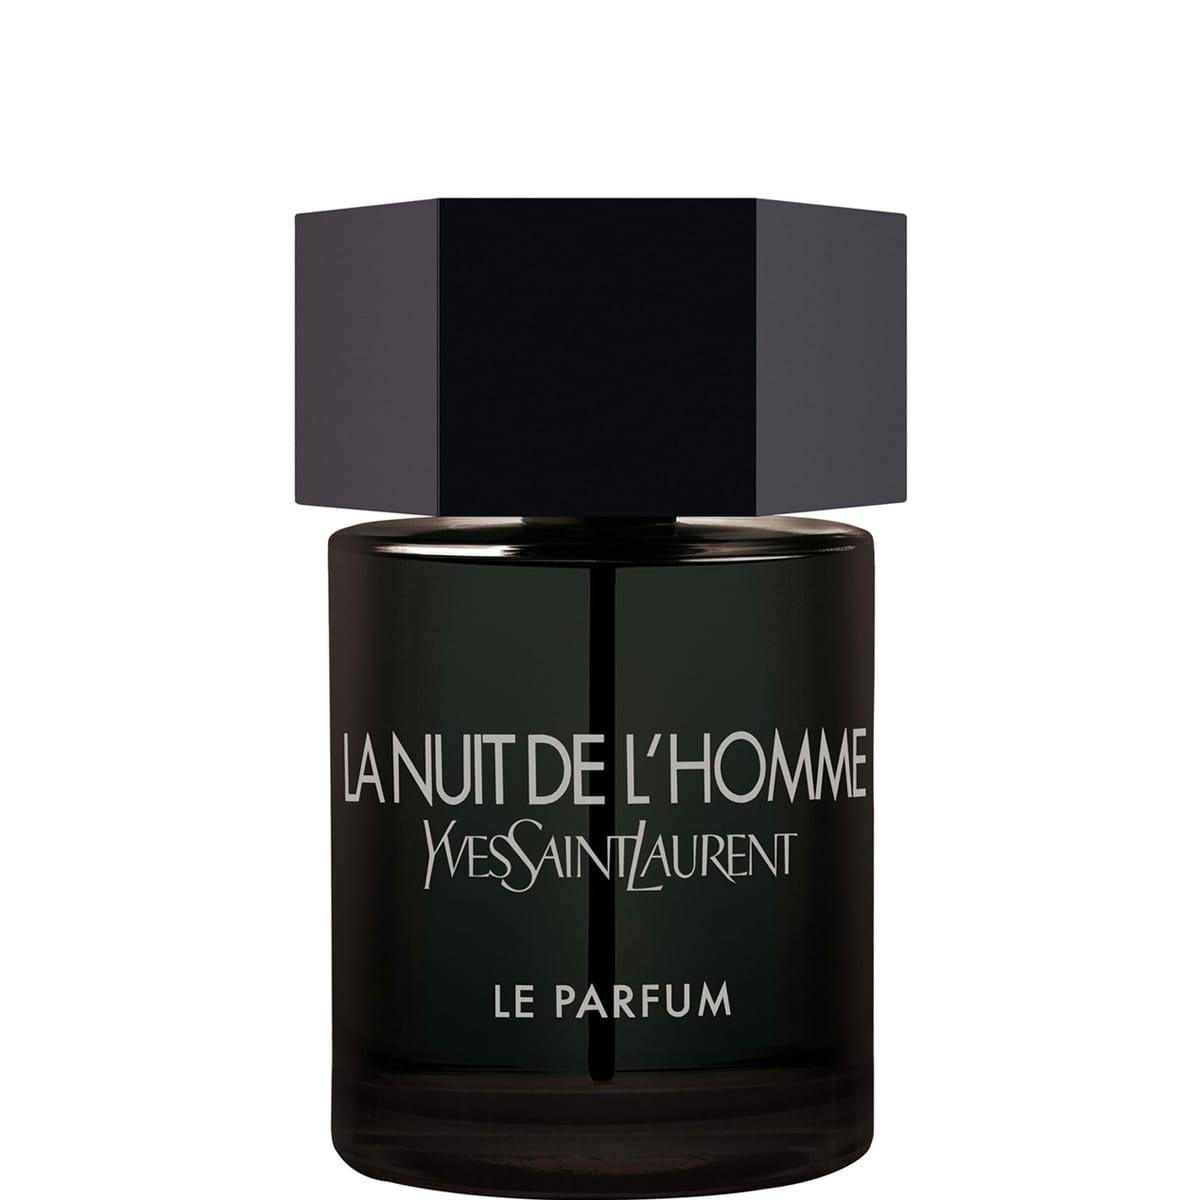 De Parfum L'homme Le La Eau Vaporisateur Nuit 60 Ml tQrCxhsBd